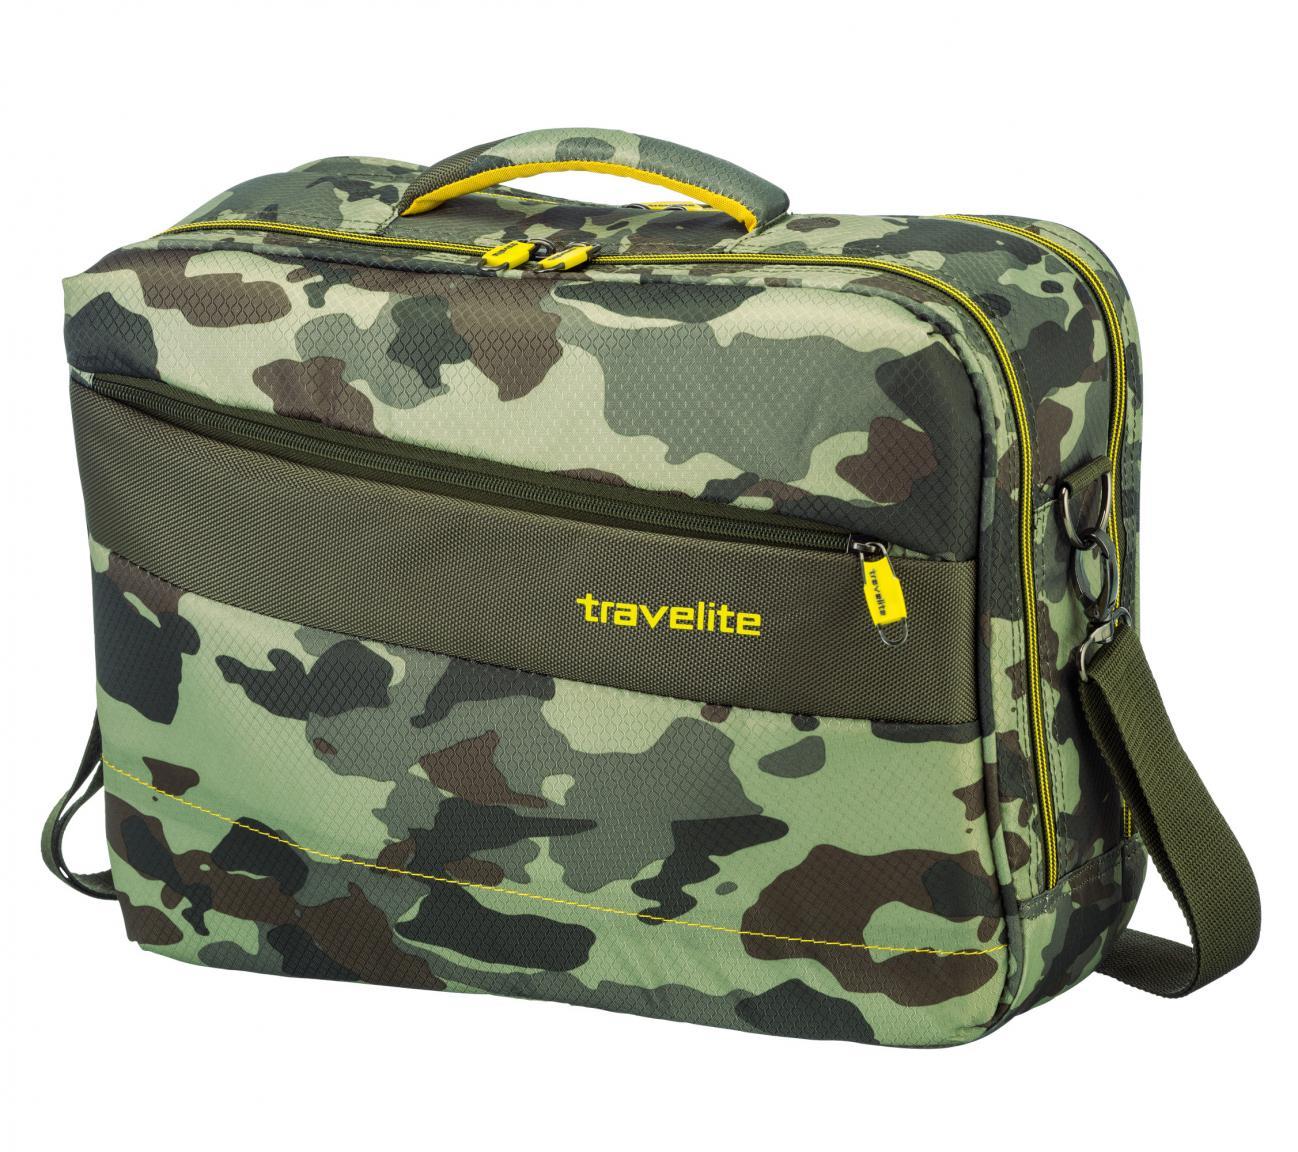 Flugtasche Travelite Kite Camouflage Flecktarn grün